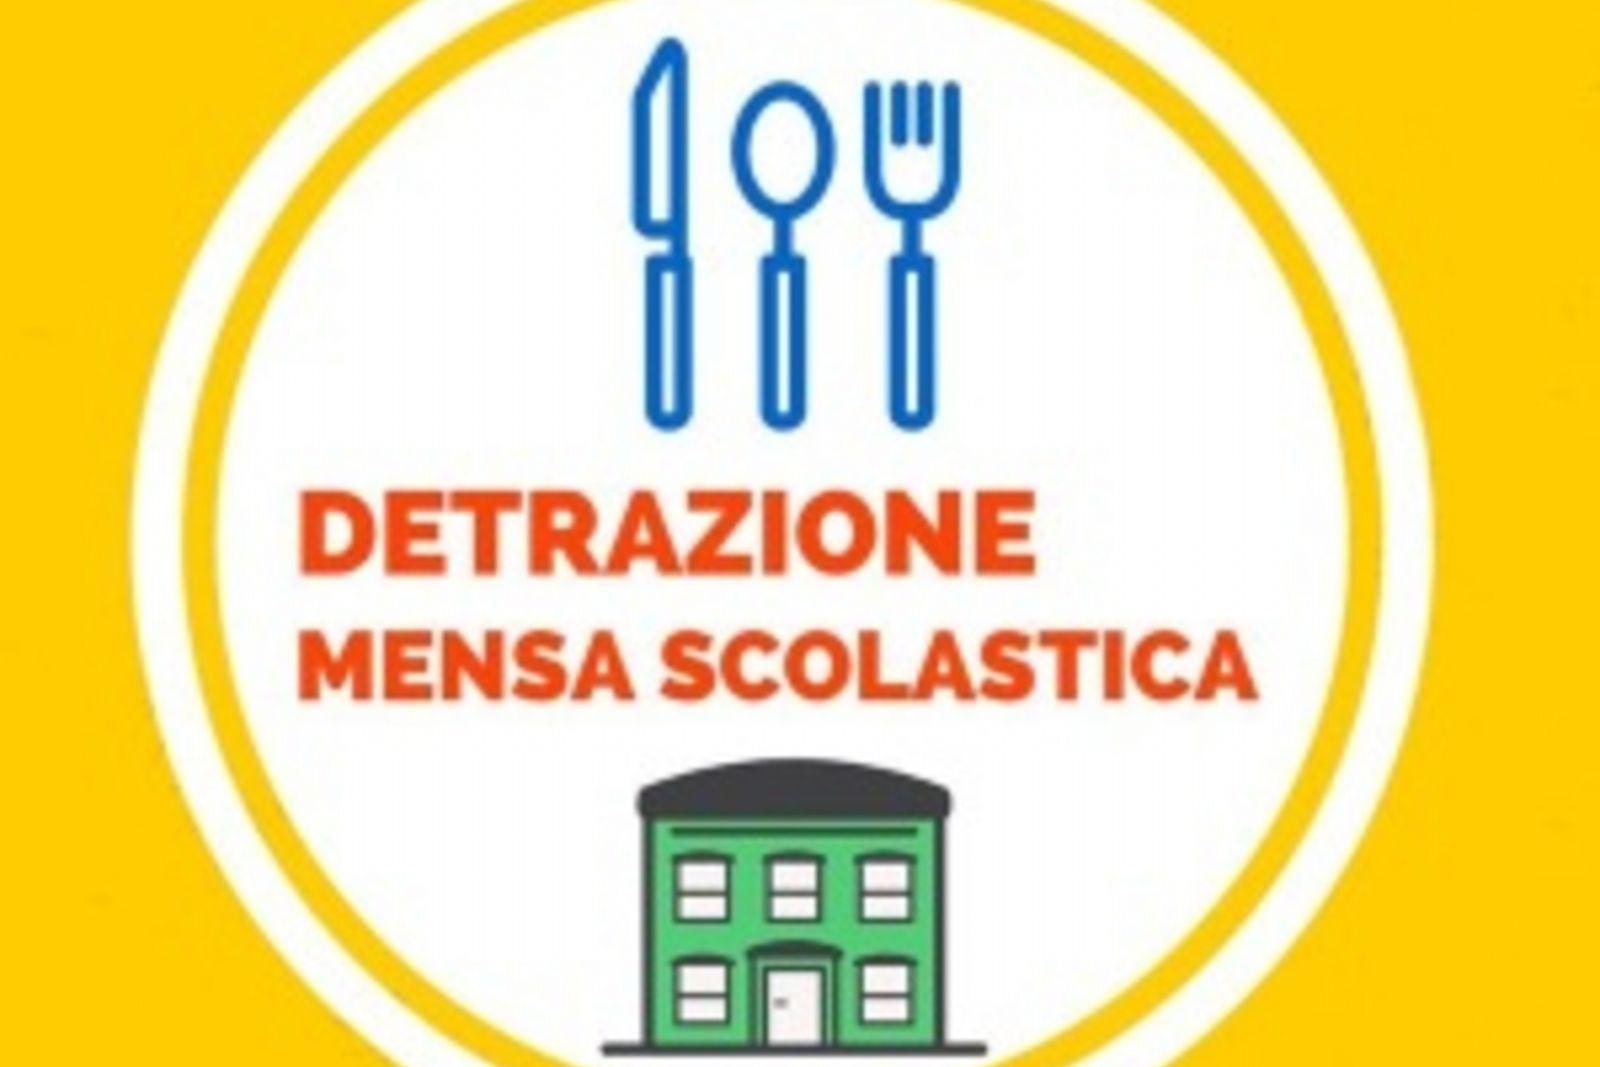 Detrazione Spese Mensa Scolastica   Anno 2017   Da Dichiarazione Dei Redditi .